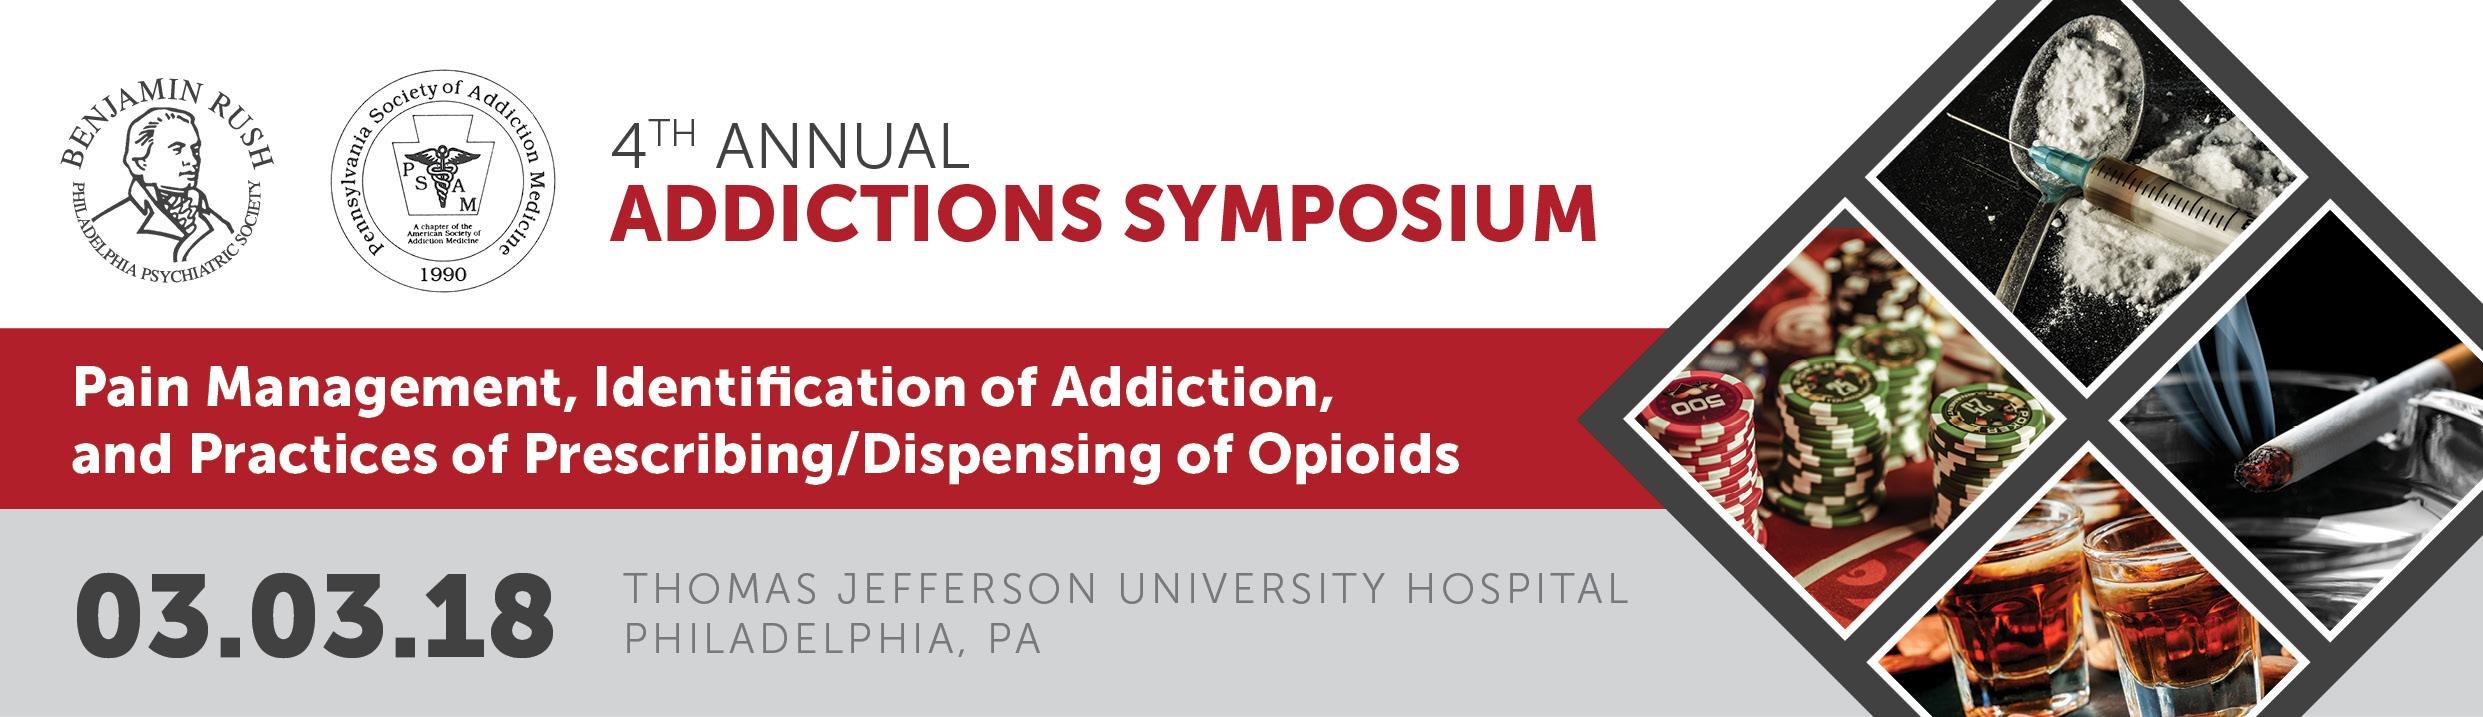 4th Annual Addictions Symposium